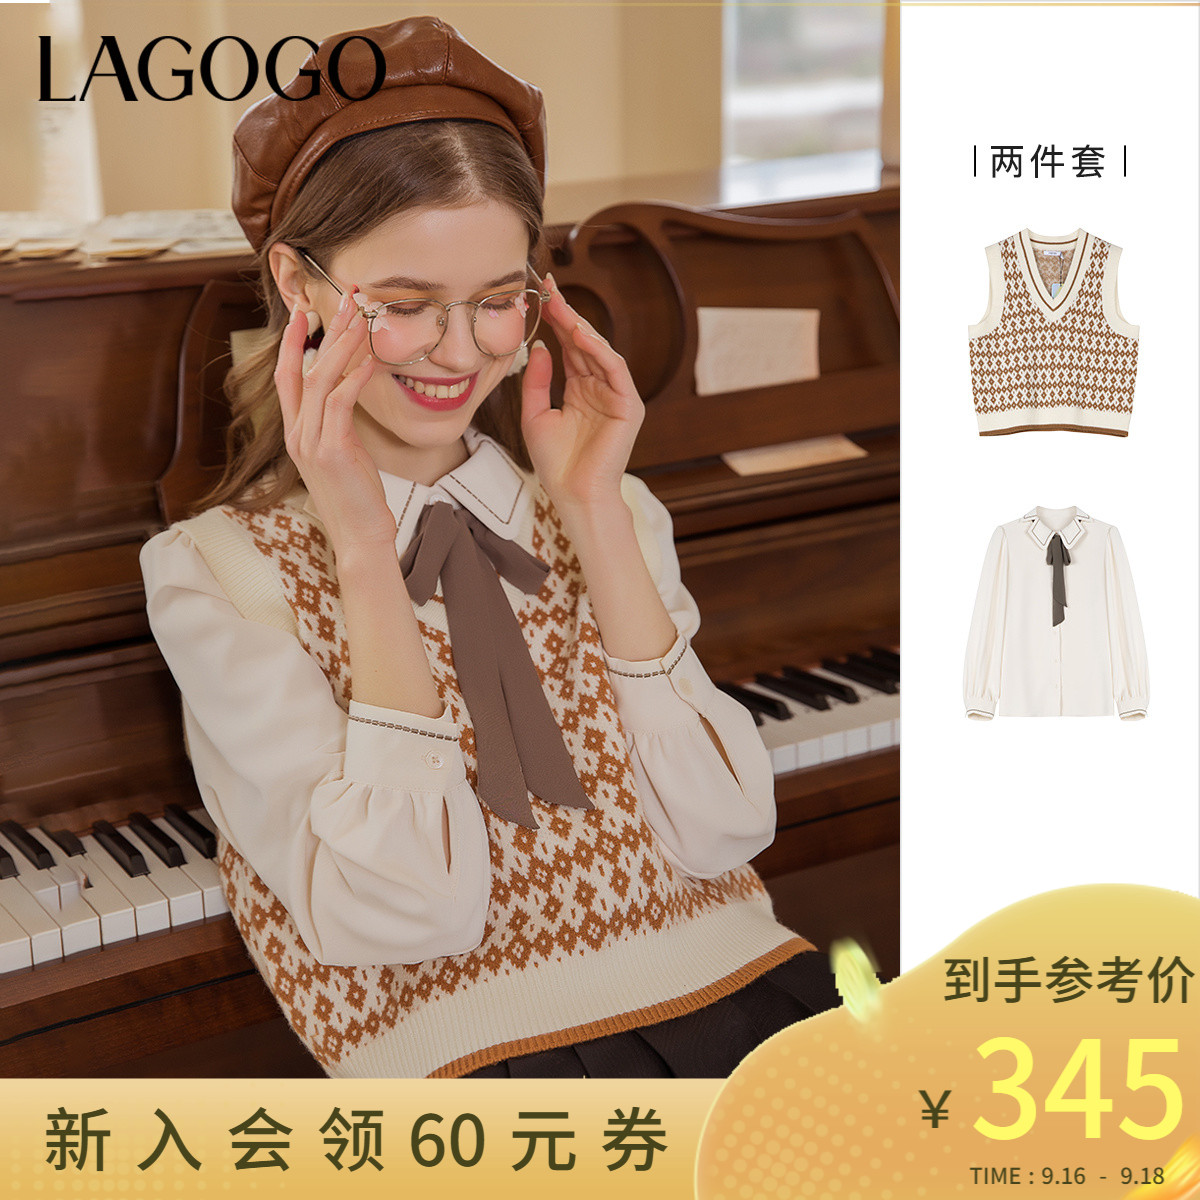 【陈钰琪同款】Lagogo拉谷谷2021春秋新款英伦风两件套毛针织衫女